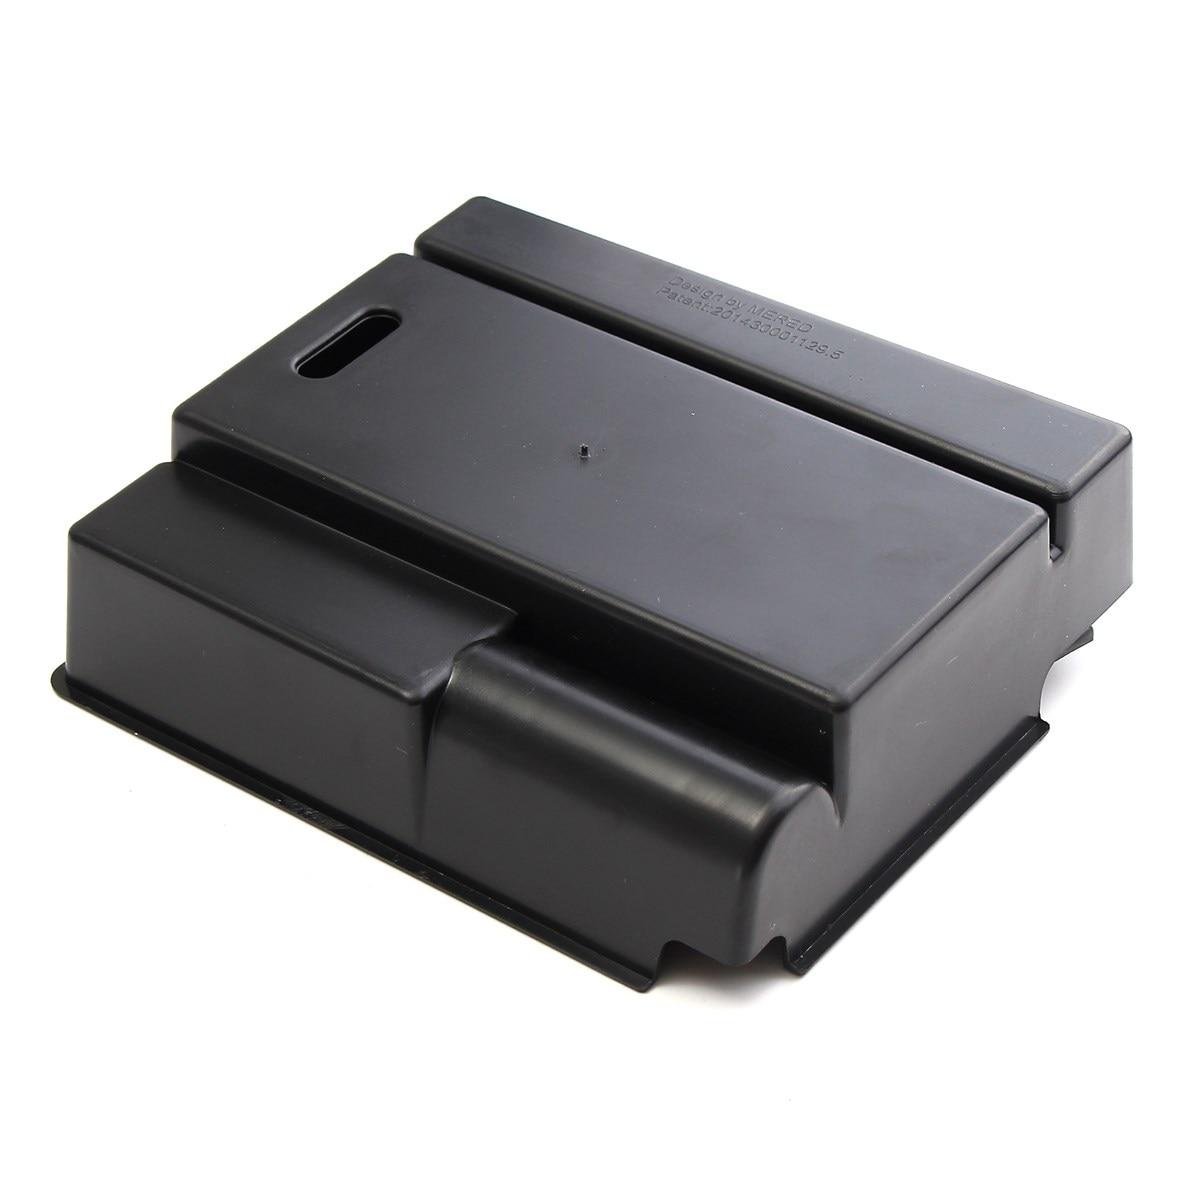 Центральный автомобильный подлокотник для хранения ящик для перчаток контейнер для HYUNDAI IX35 2010-2015 авто аксессуары с ковриком